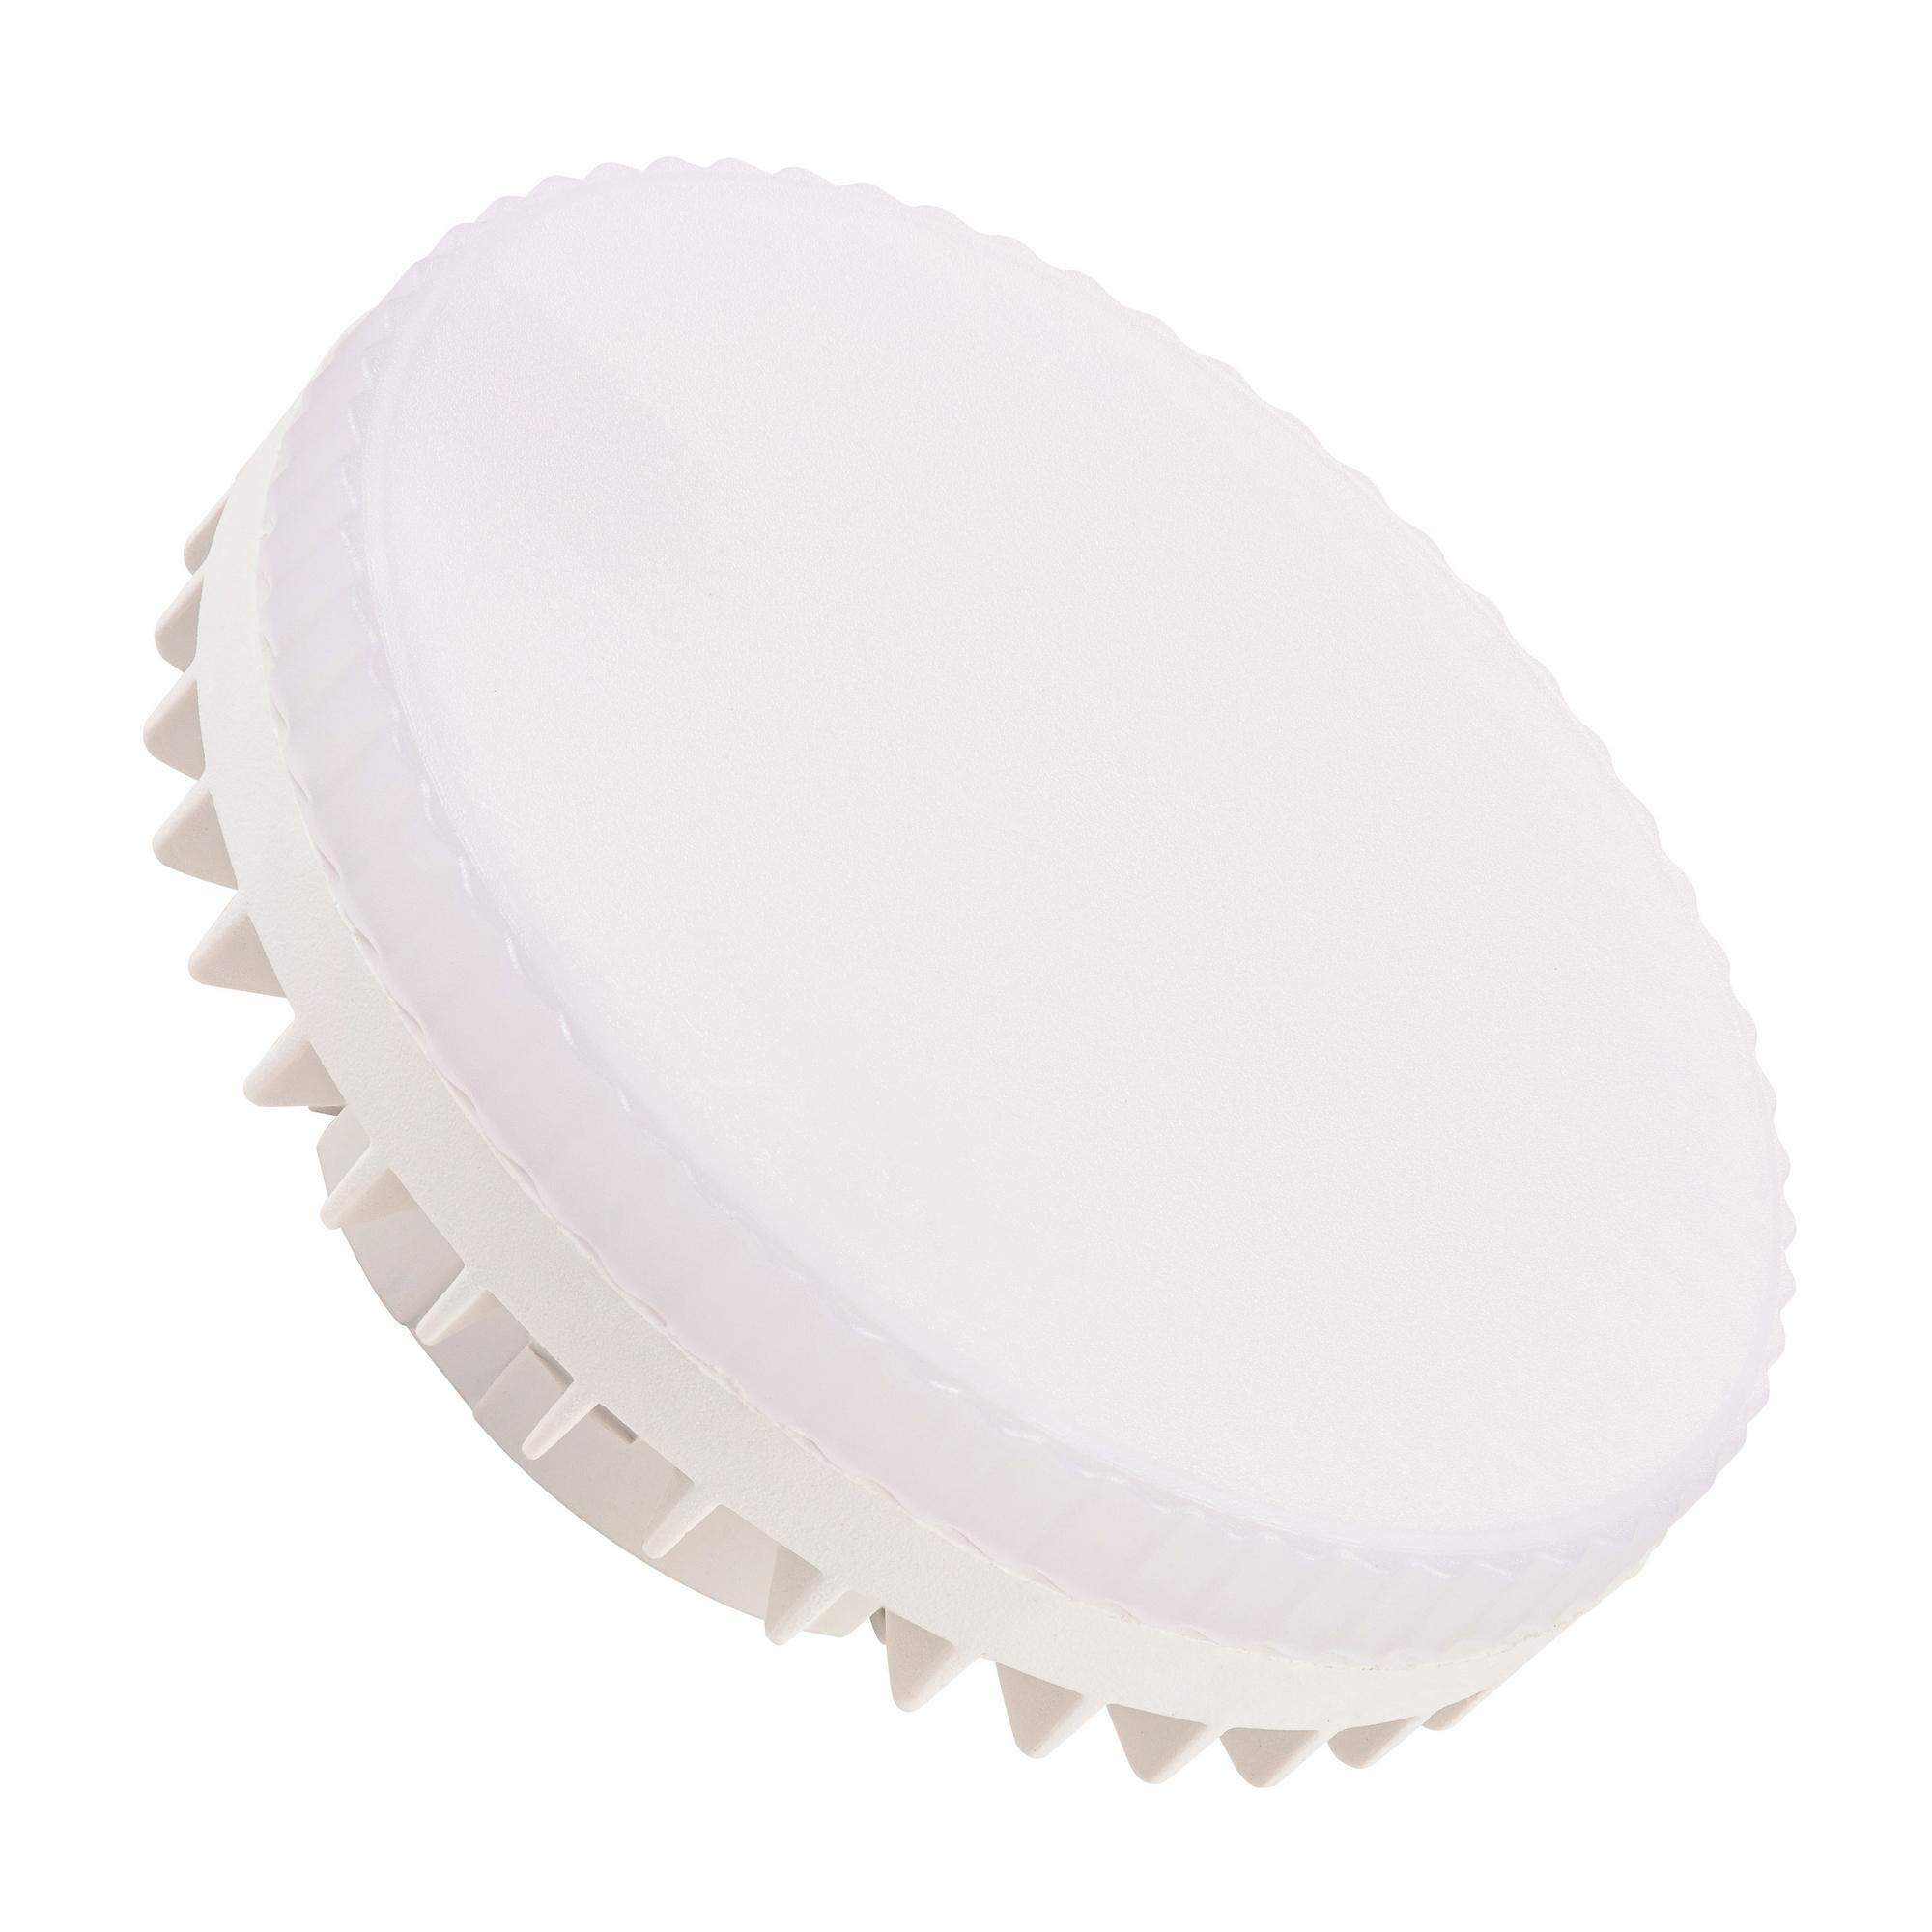 Лампа светодиодная REV GX53 10W холодный свет